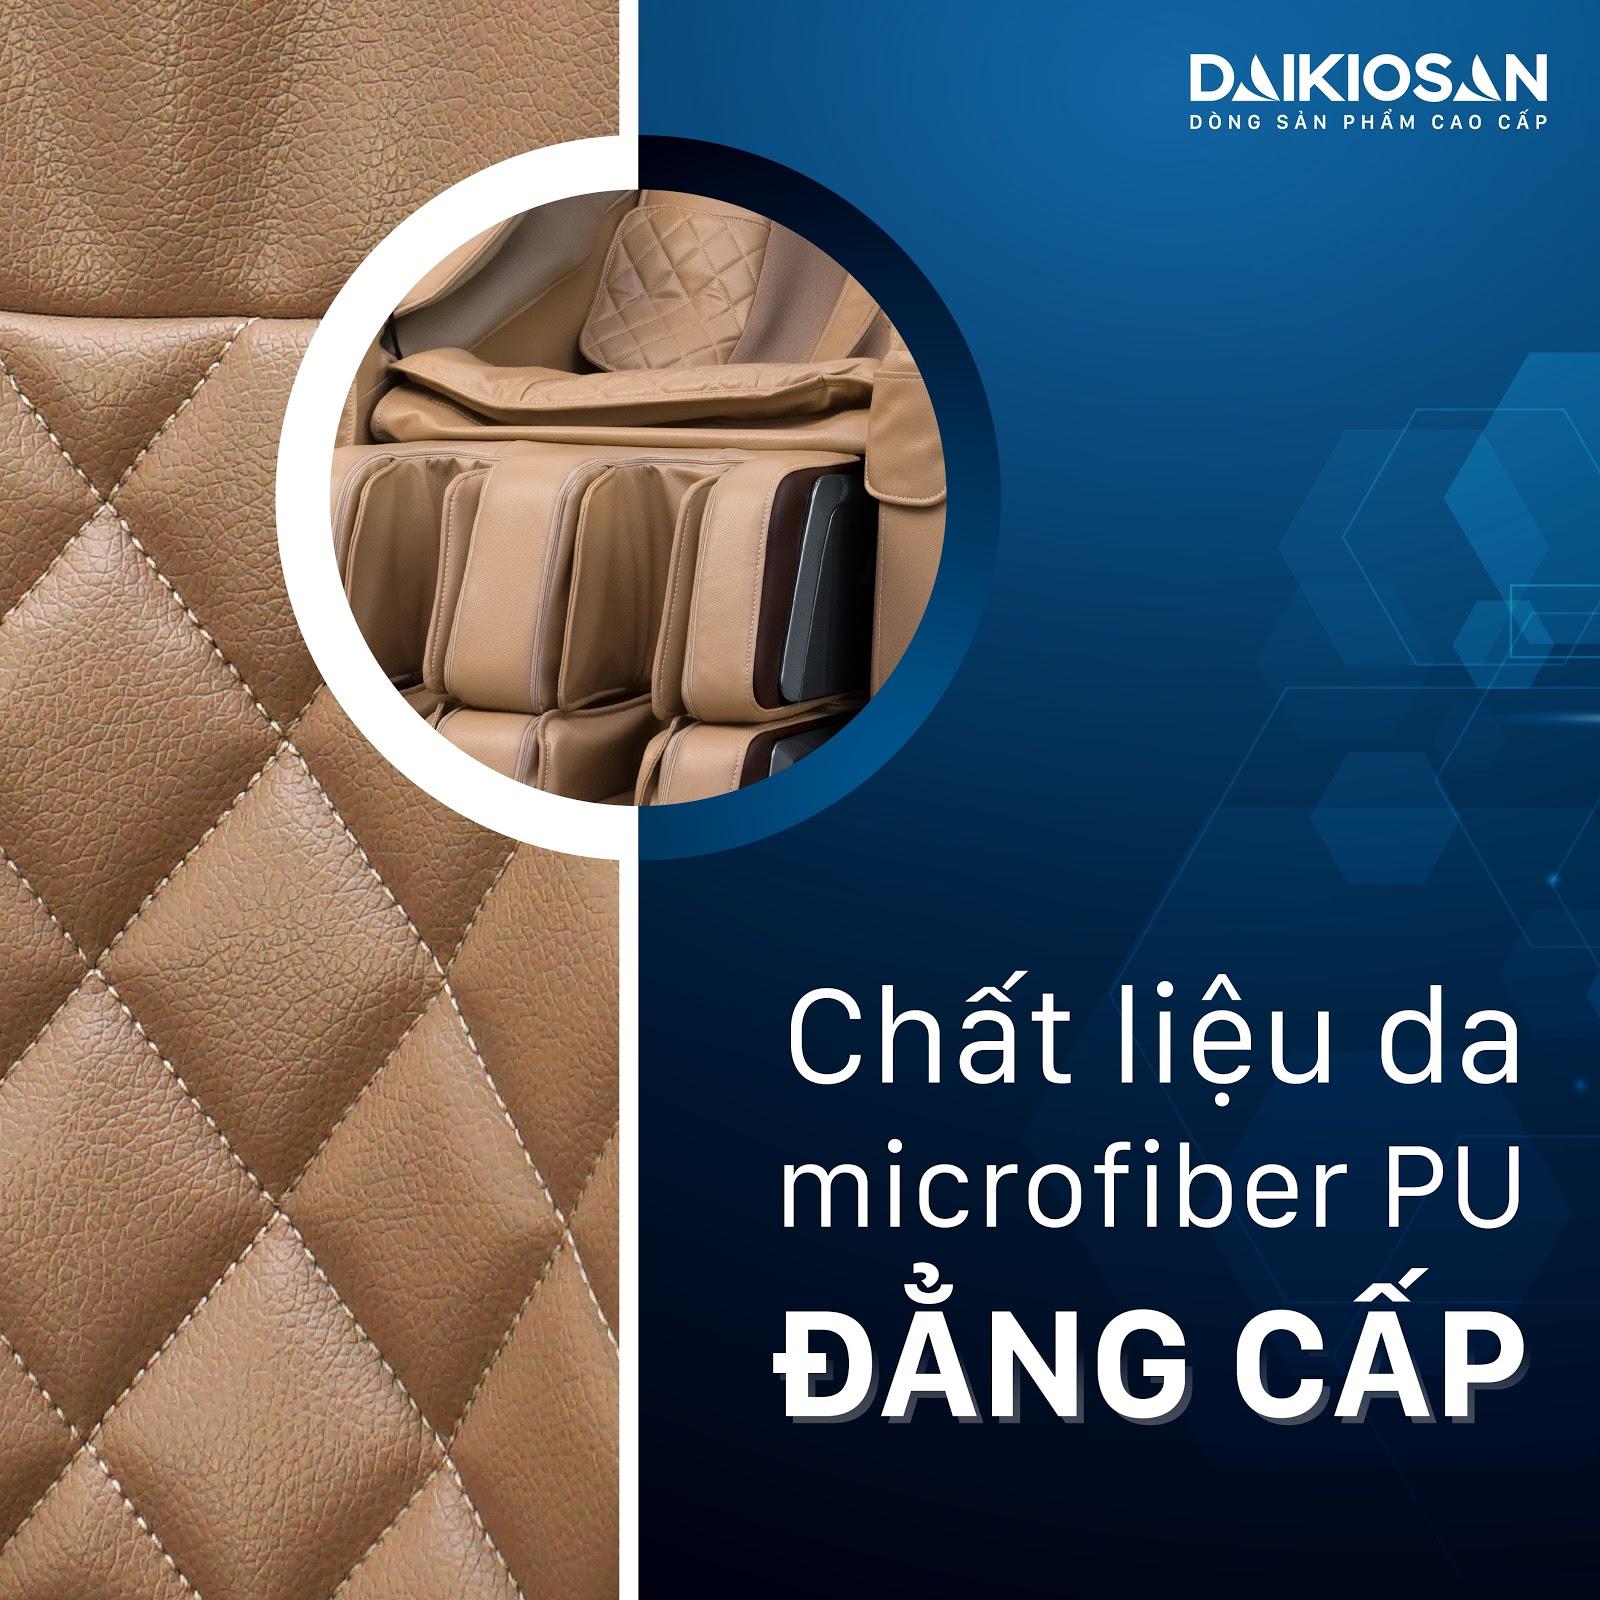 Chất liệu da Microfiber PU cao cấp chuyên dùng cho những món đồ xa xỉ